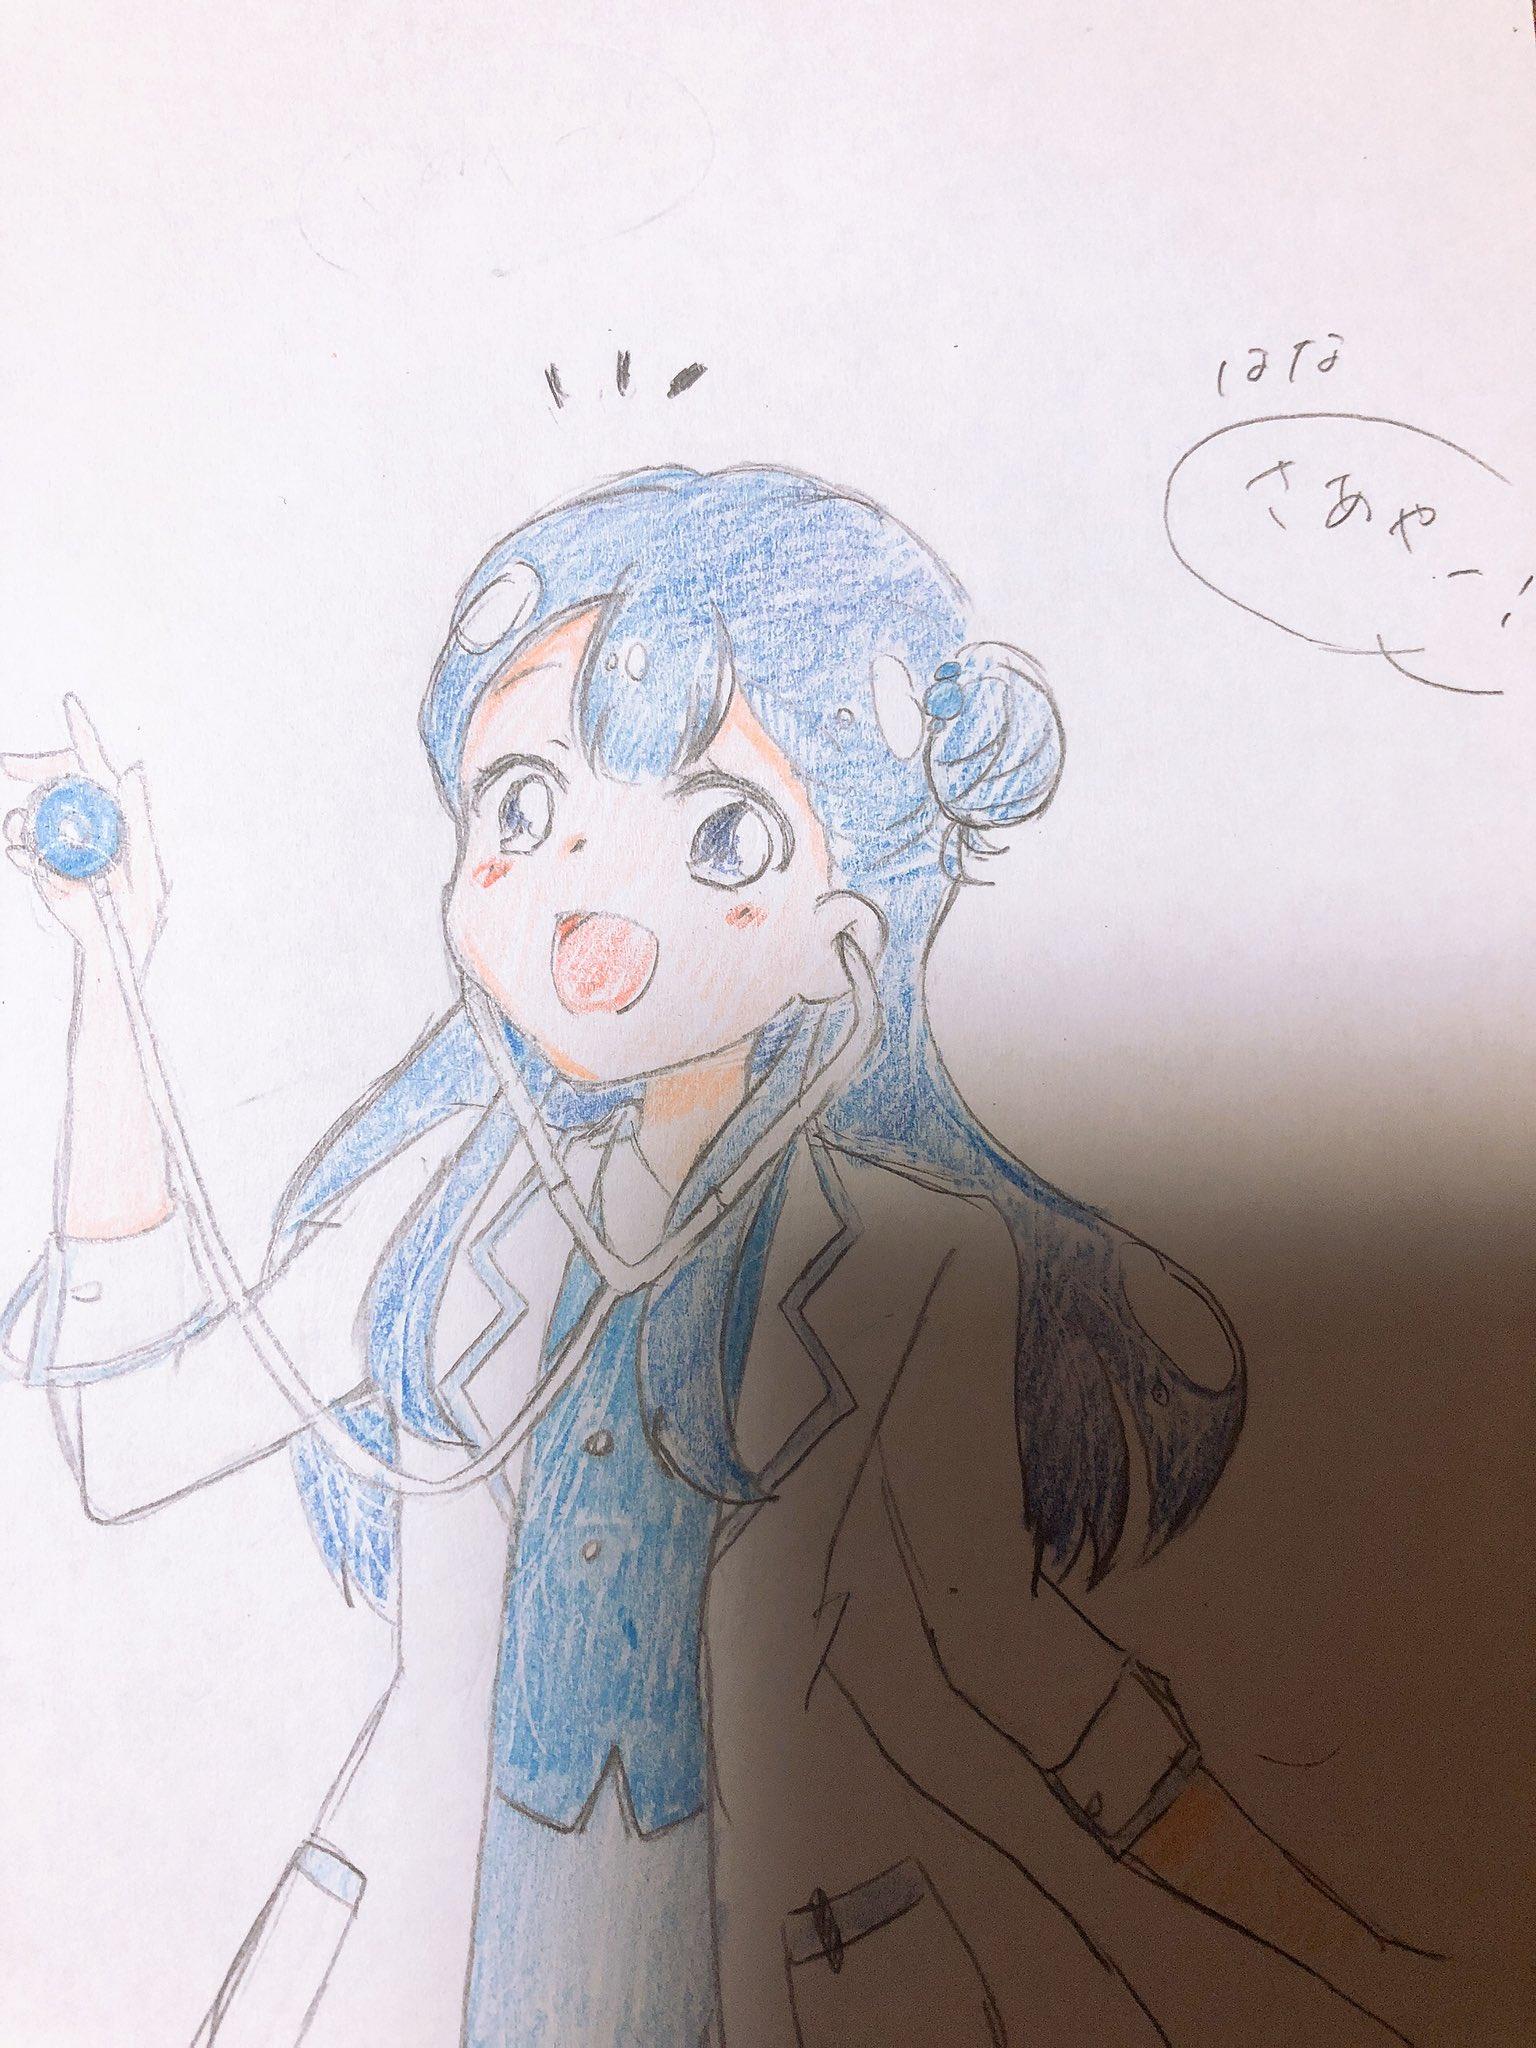 みずき@初代らぶ💐 (@mizuki_precure)さんのイラスト